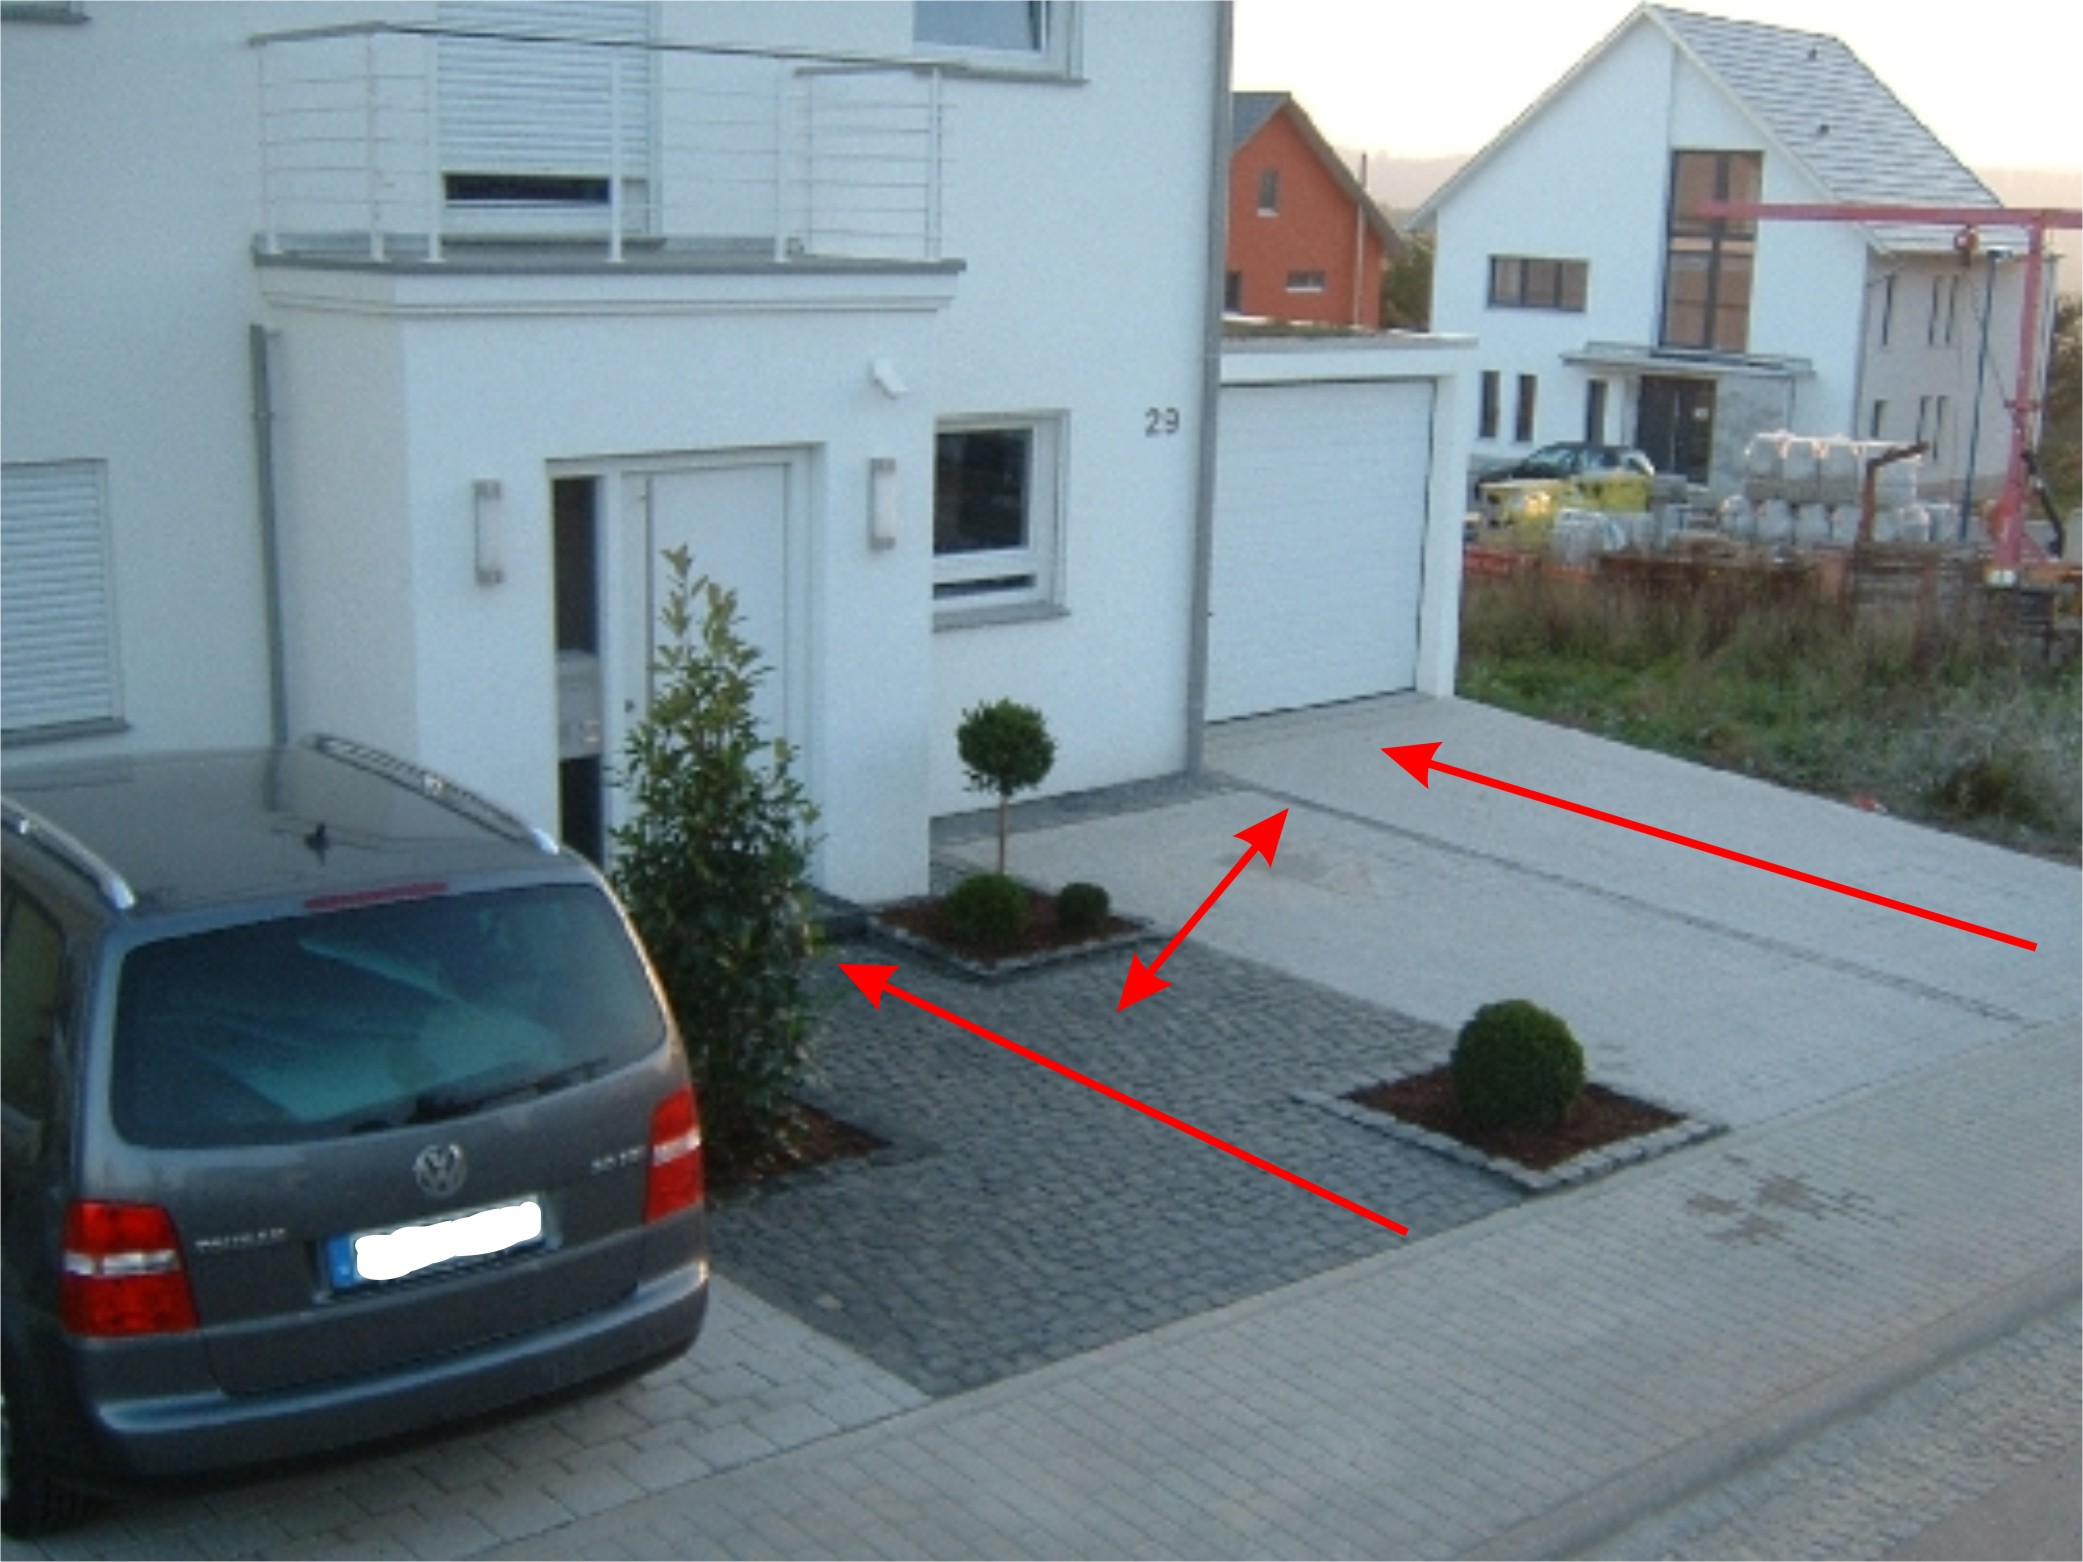 gestaltung vorgarten mit stellplatz - boisholz, Garten und bauen